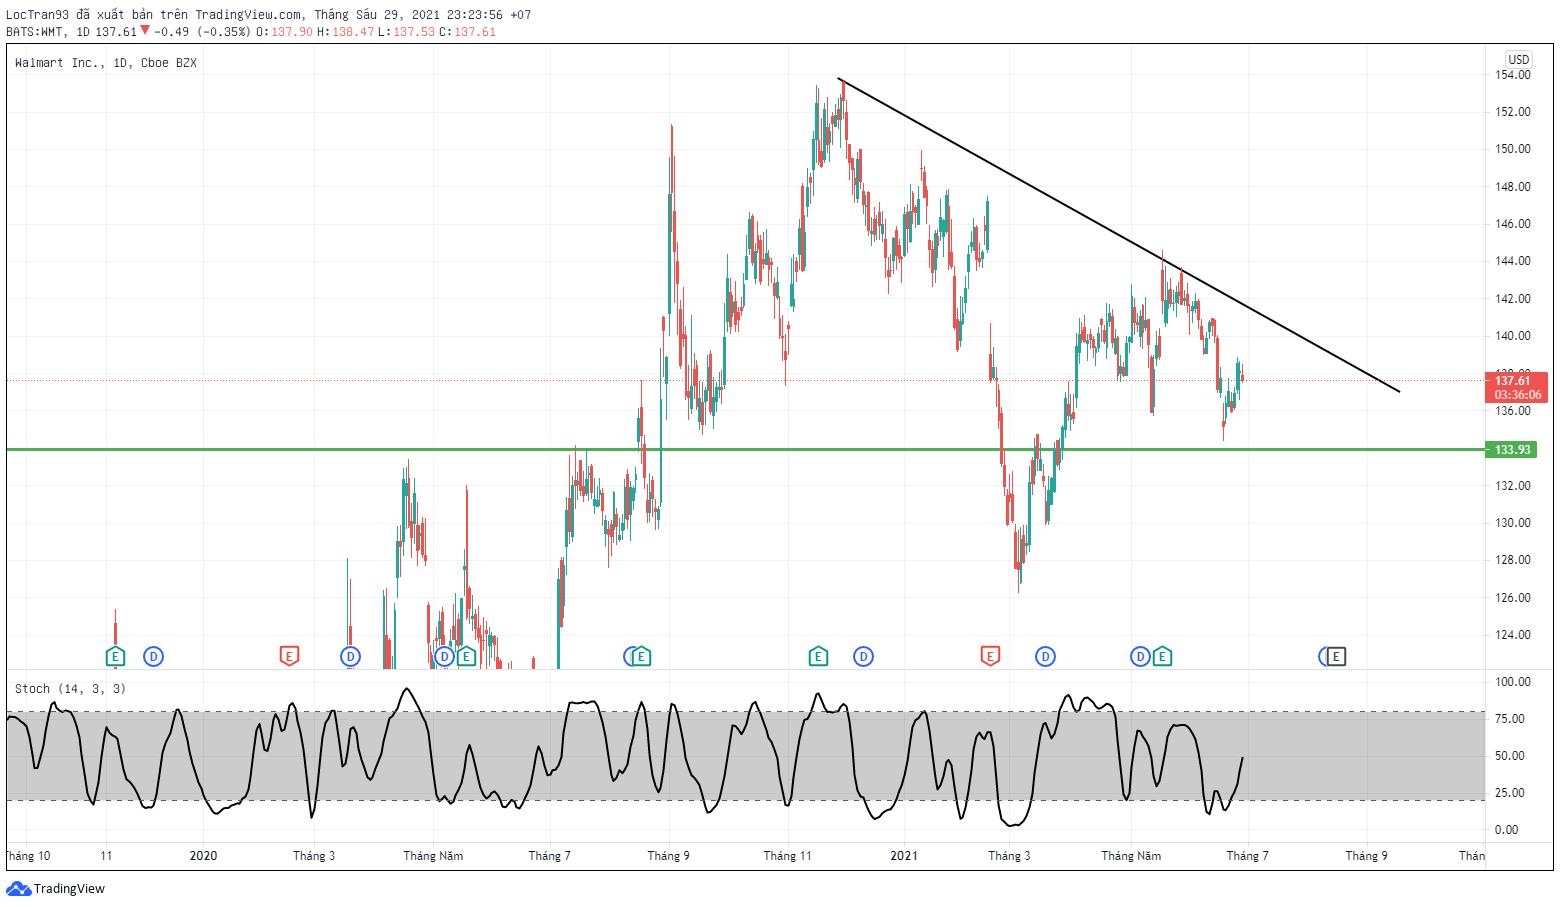 Cổ phiếu WMT khung 1D xu hướng hiện tại giảm giá